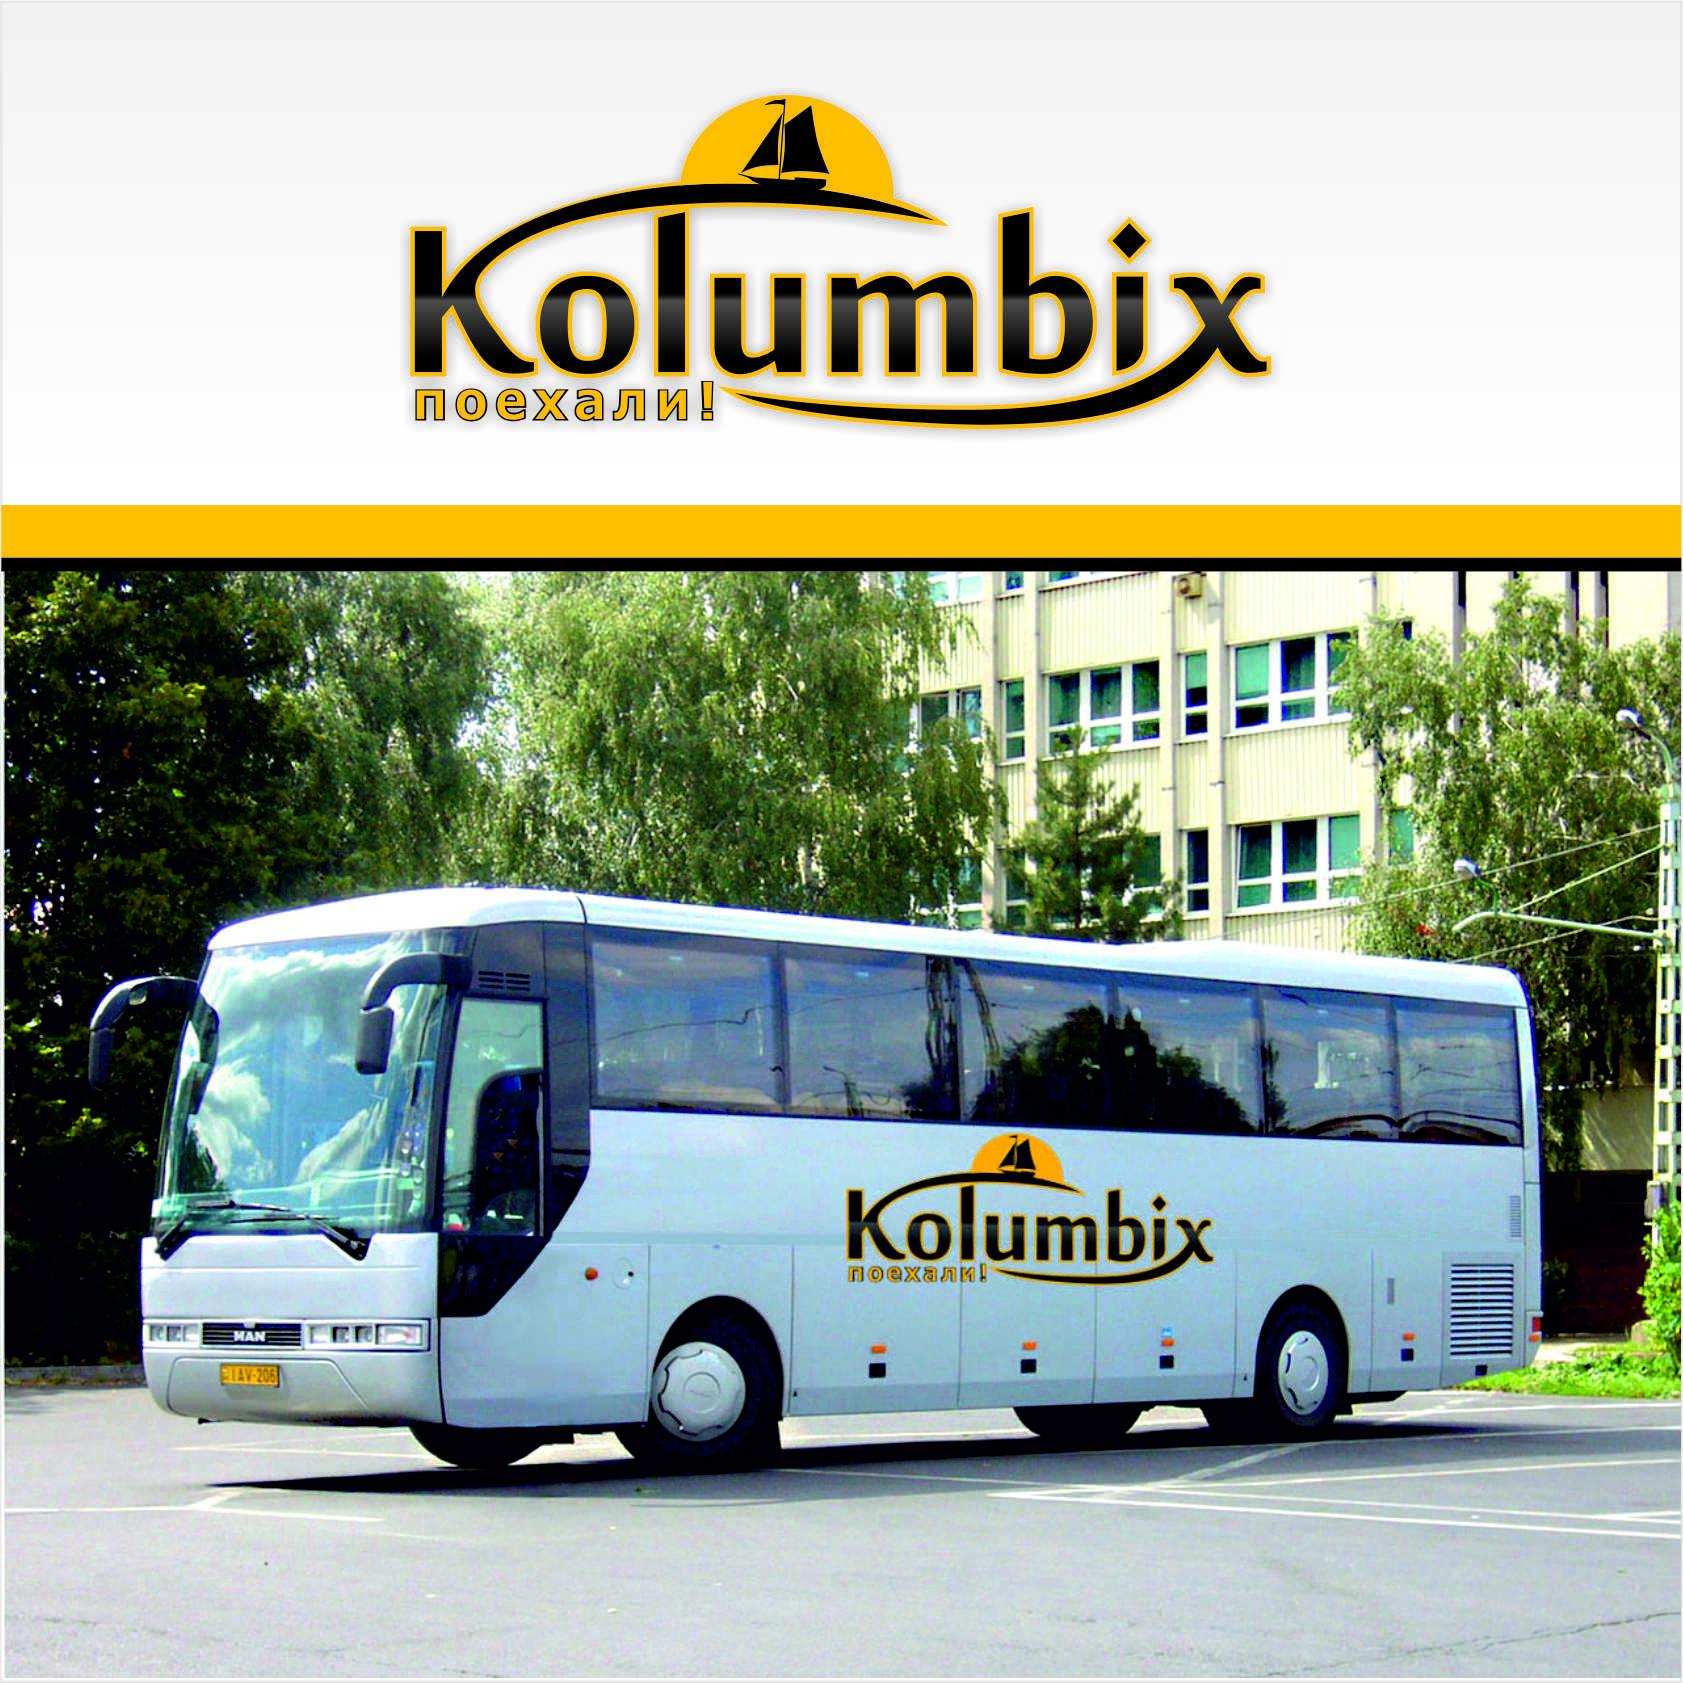 Создание логотипа для туристической фирмы Kolumbix фото f_4fb48e0137859.jpg